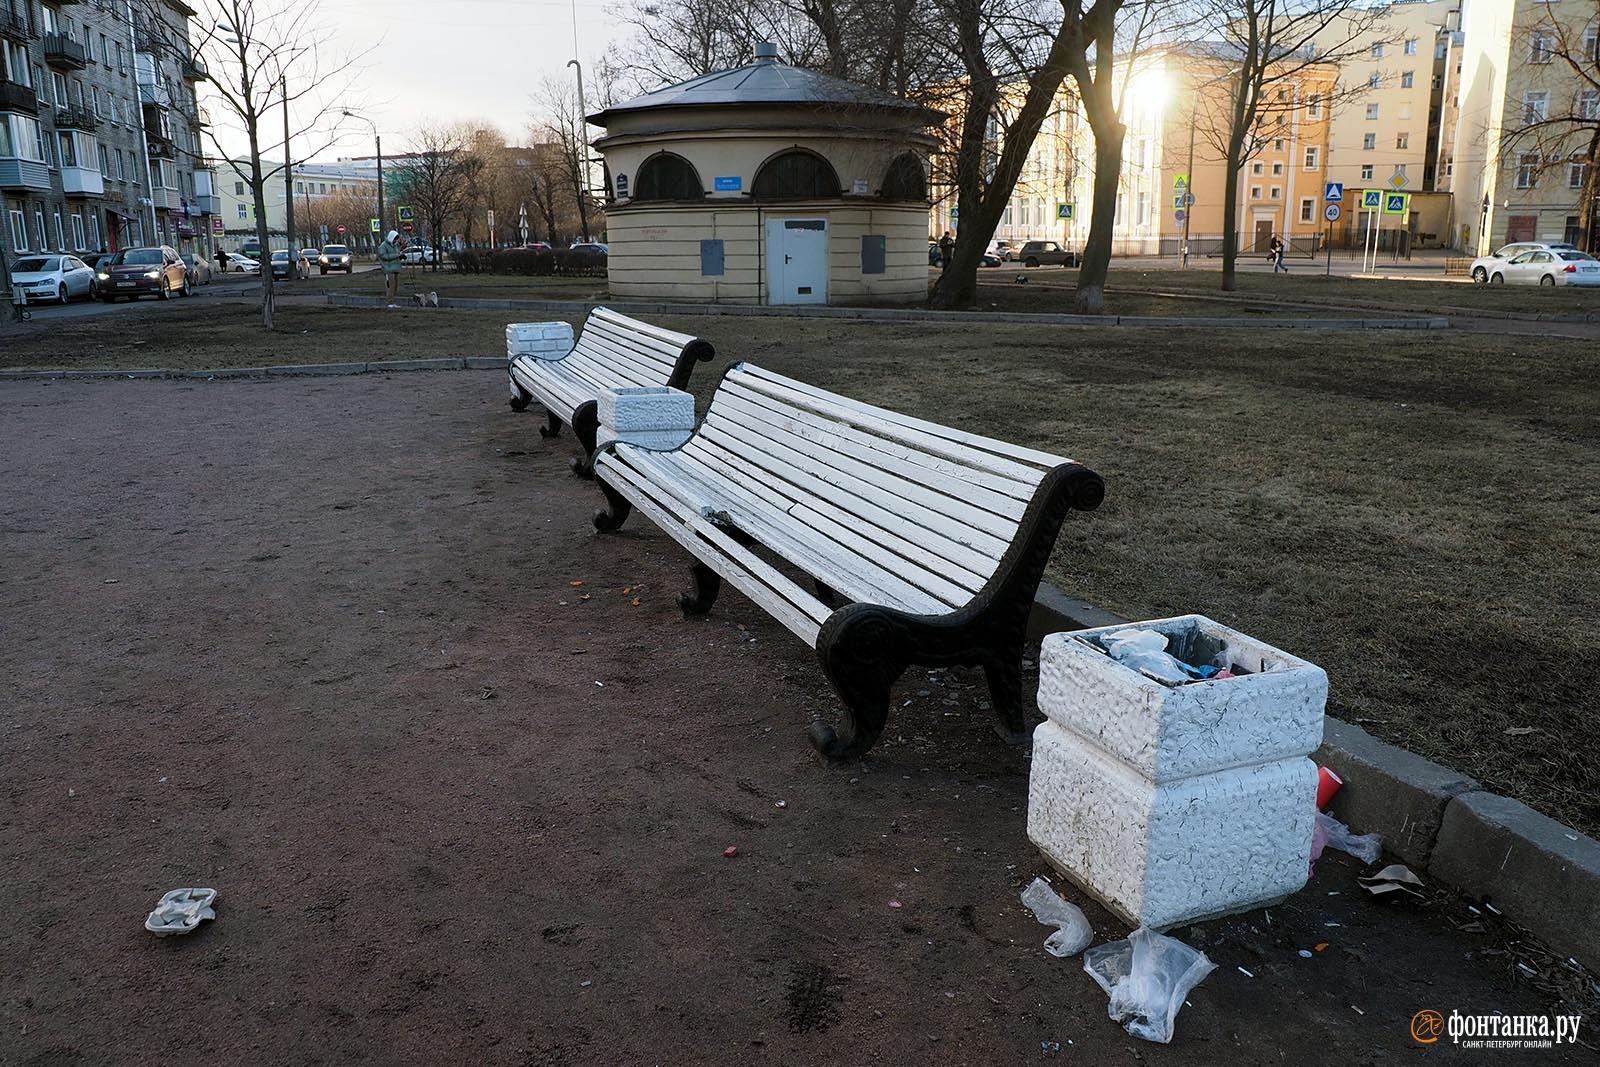 Бульвар на улице Циолковского